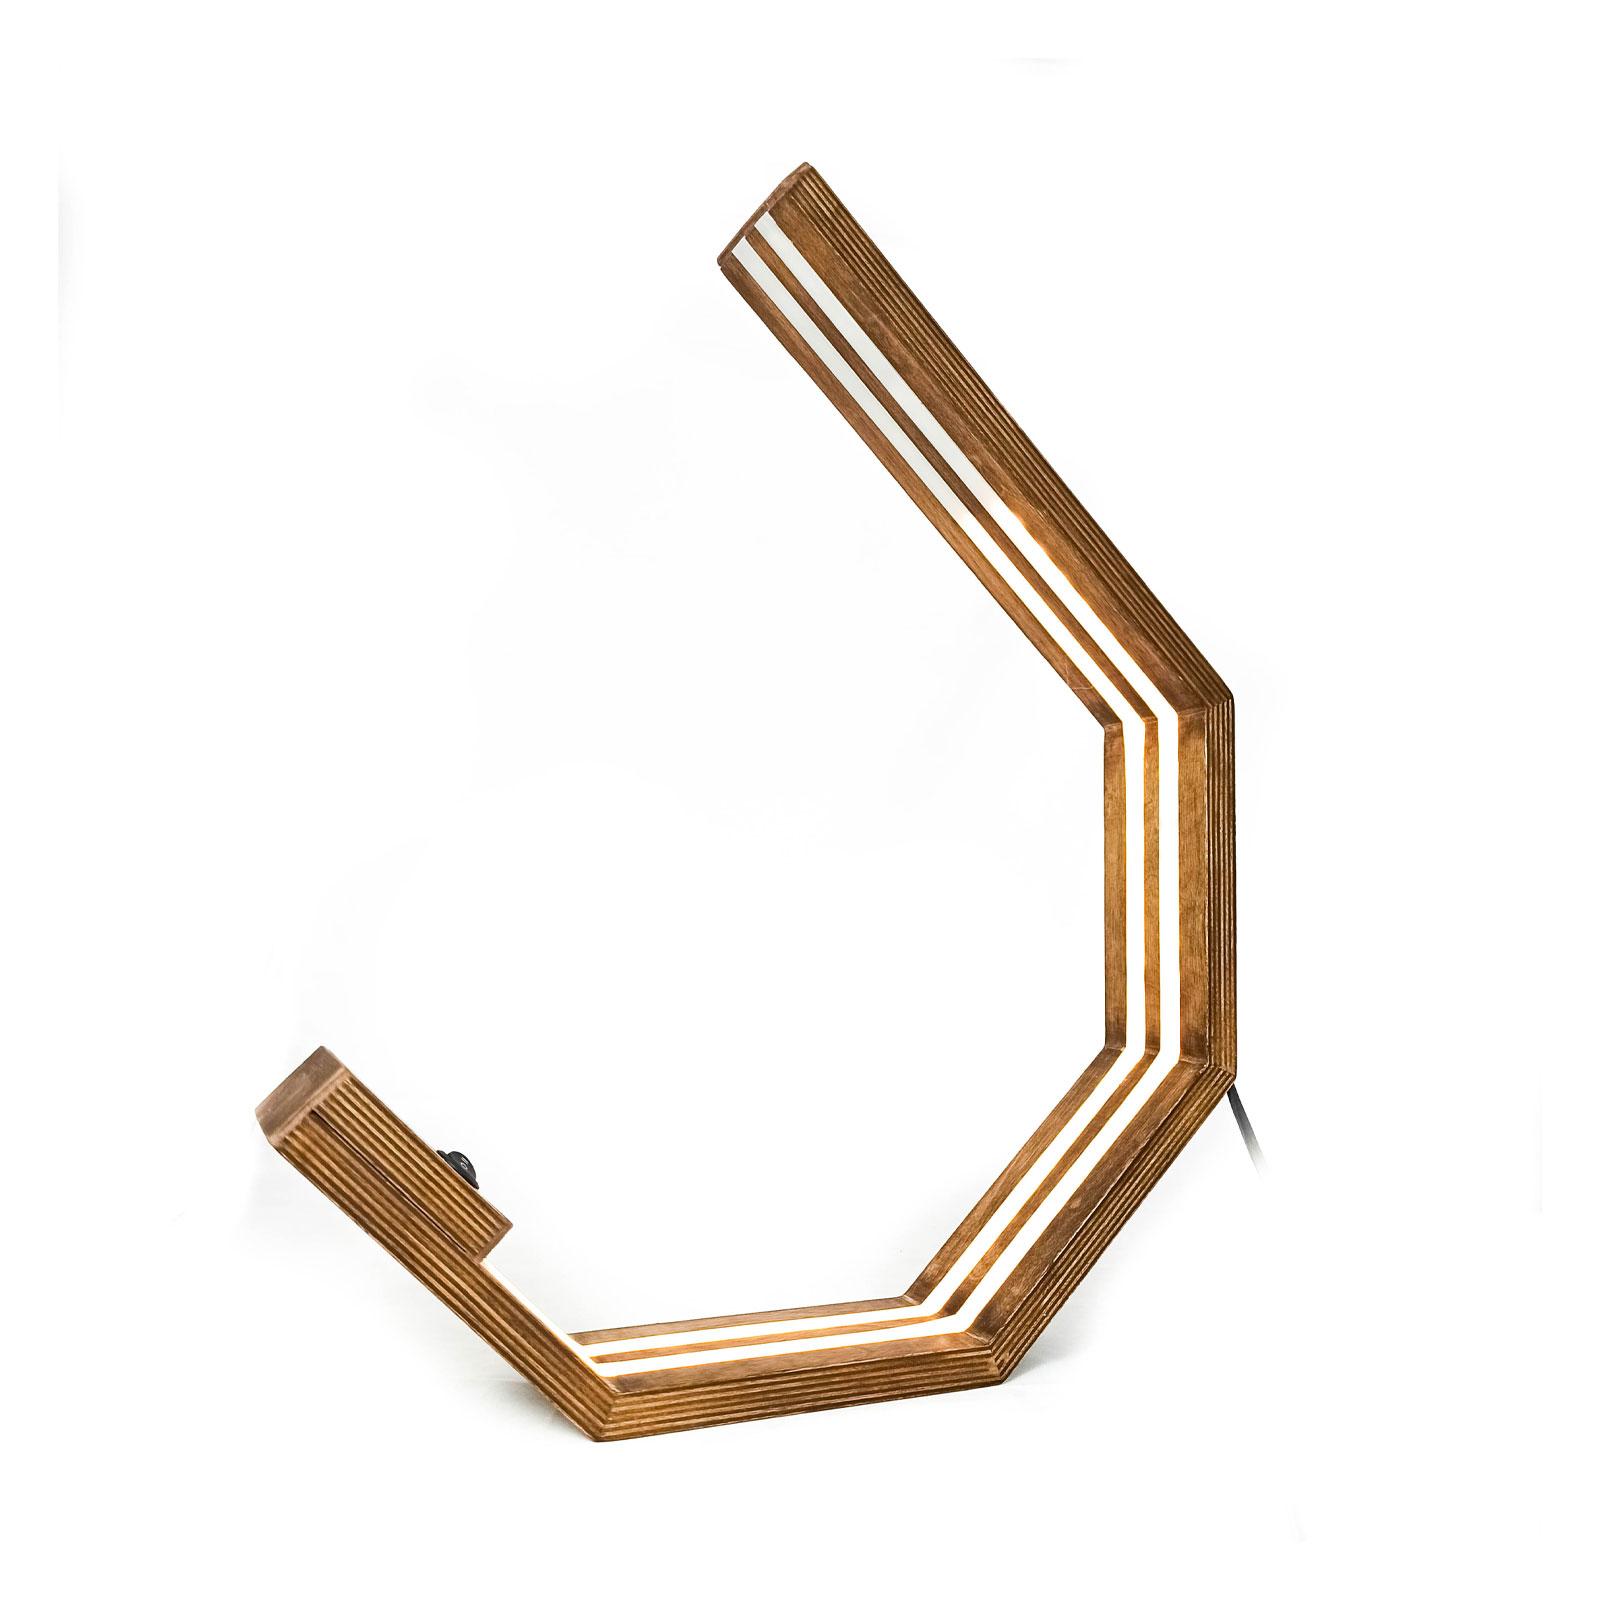 چراغ رومیزی چوبی کد C-110 آرتا الکتریک